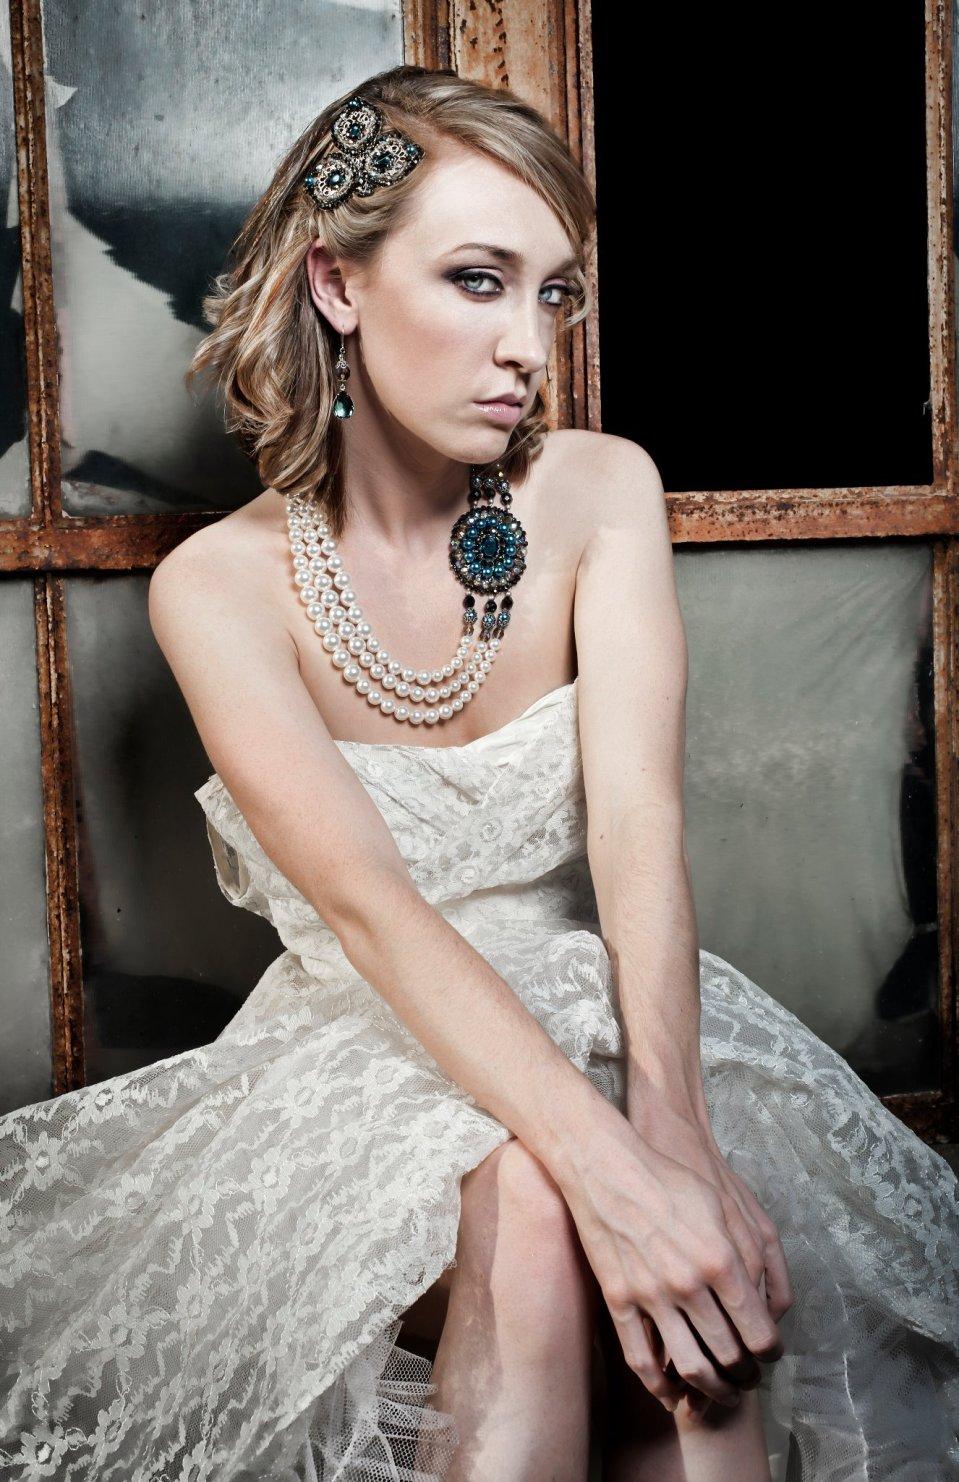 Model ~ Jessica Eubanks